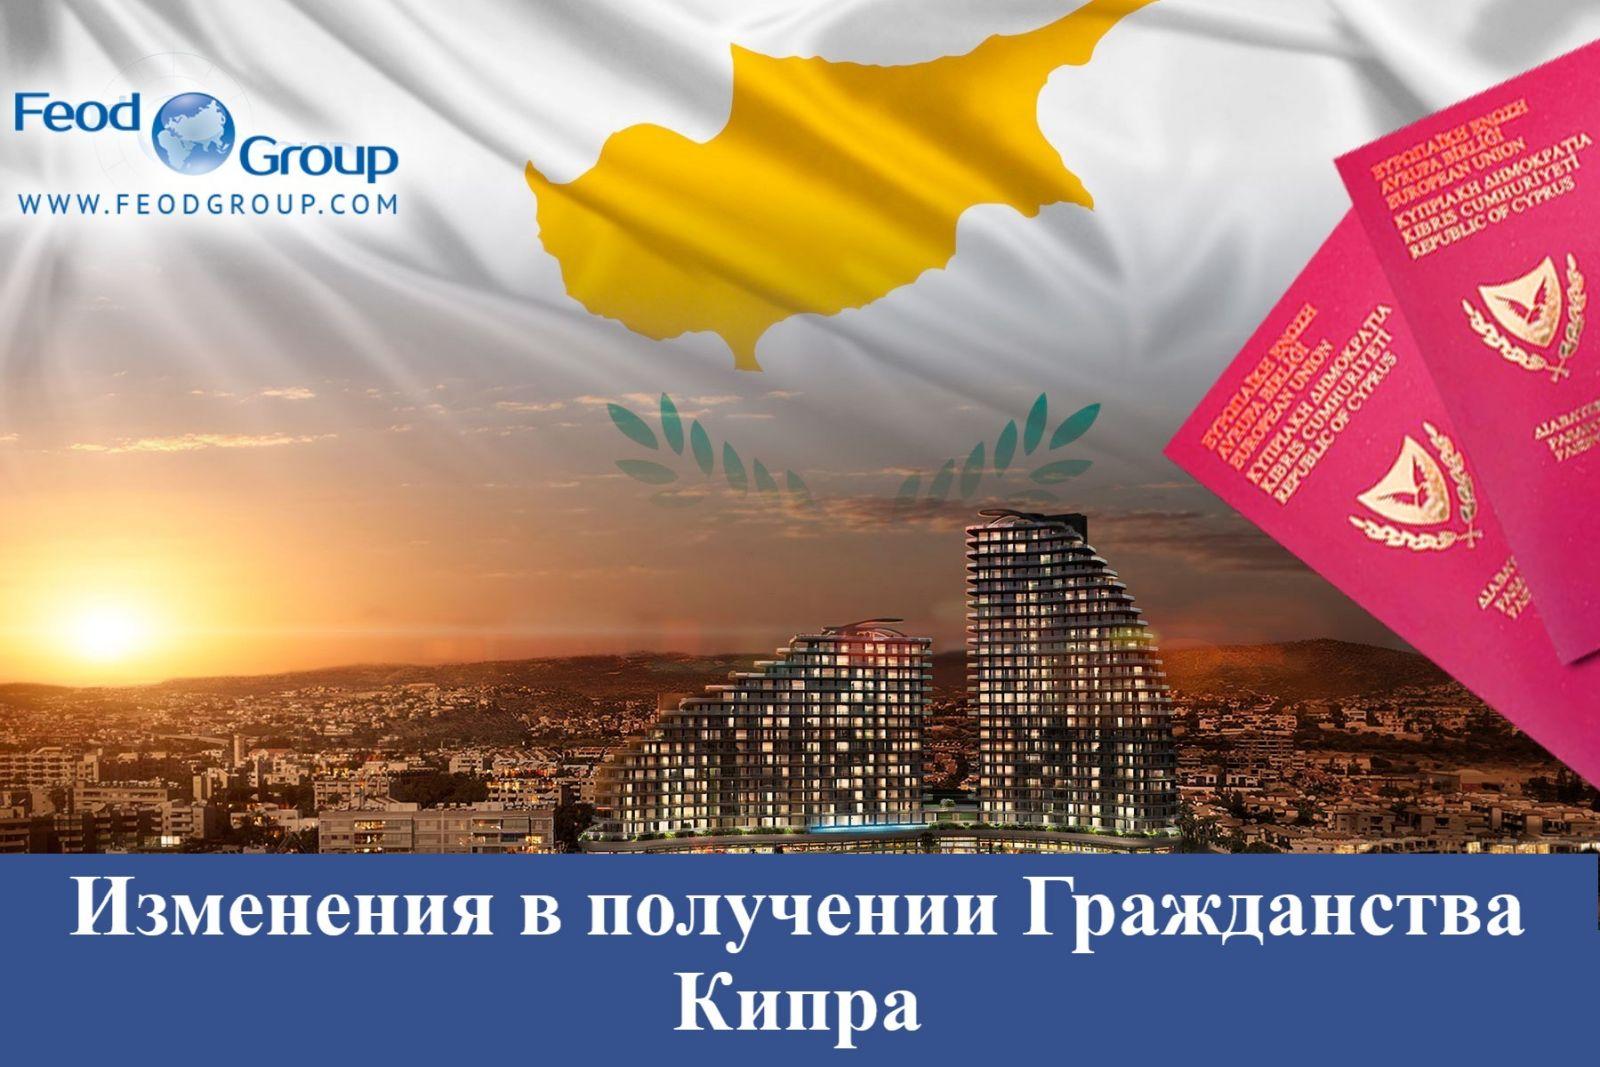 Изменения в получении Гражданства Кипра 2021: языковой тест и собеседование